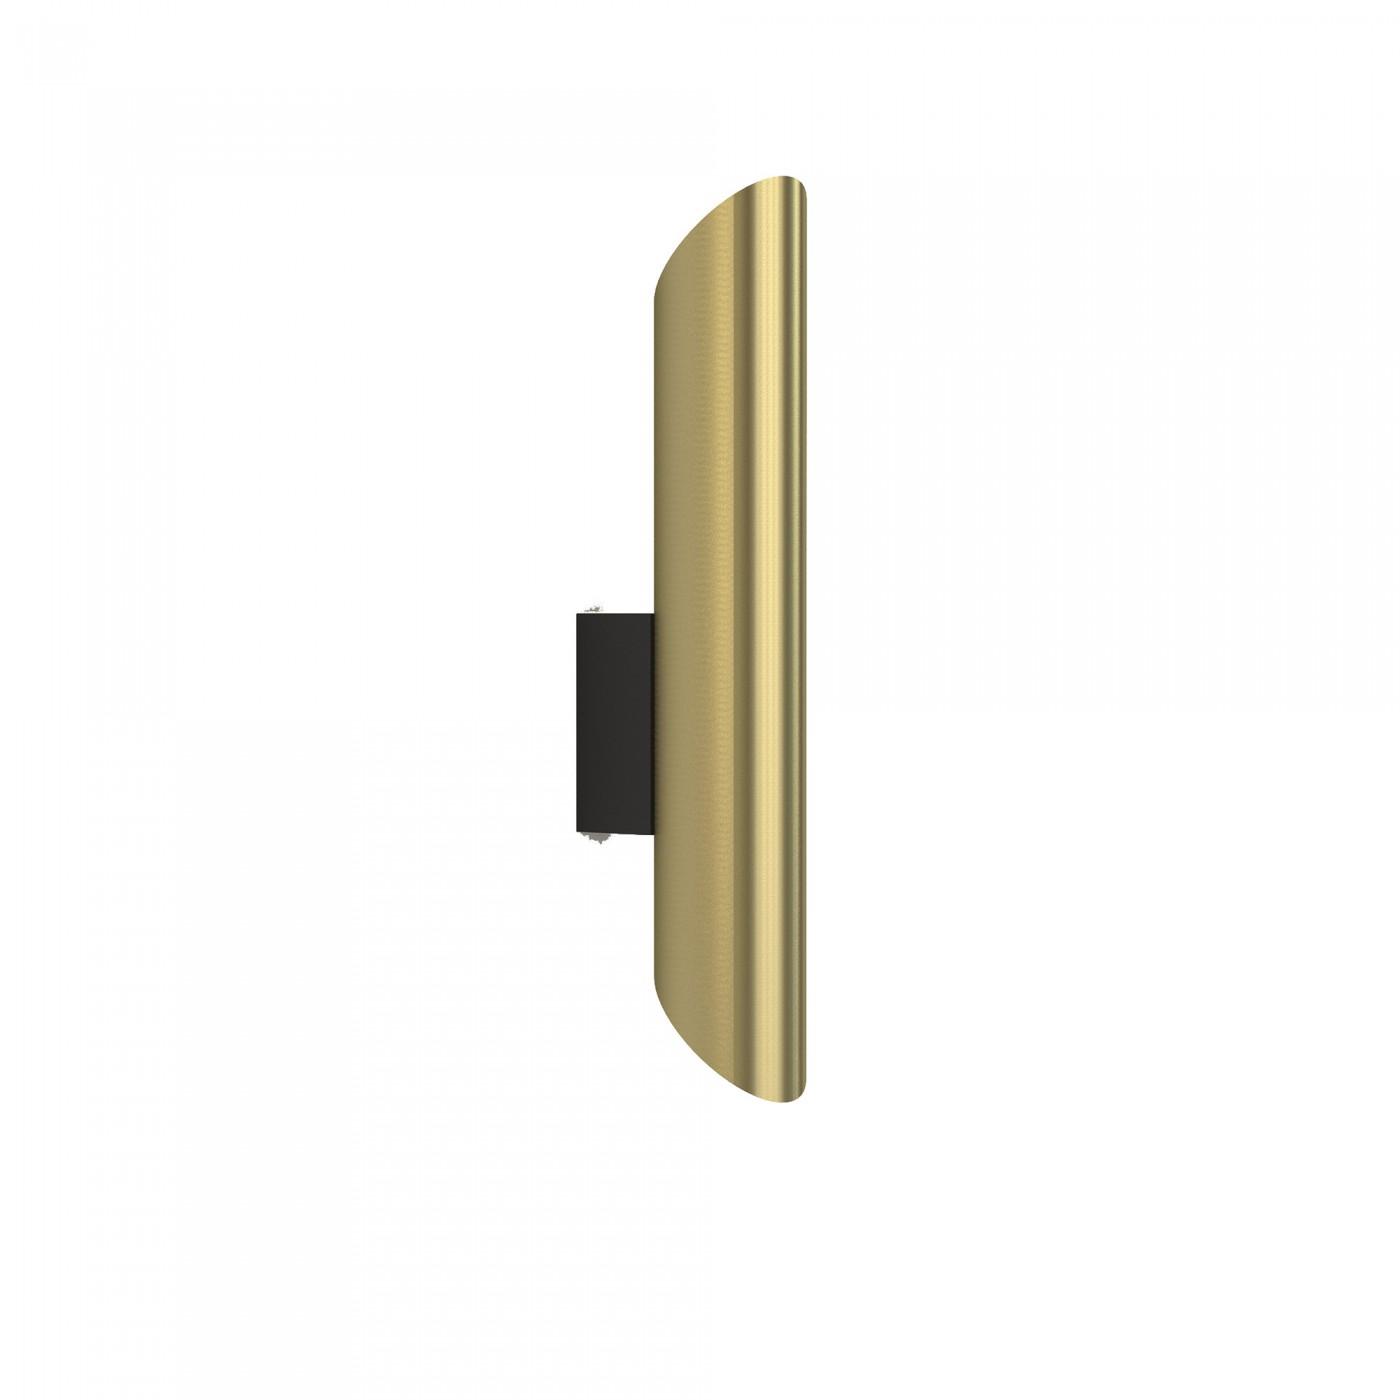 EYE WALL CUT solid brass 7995 Nowodvorski